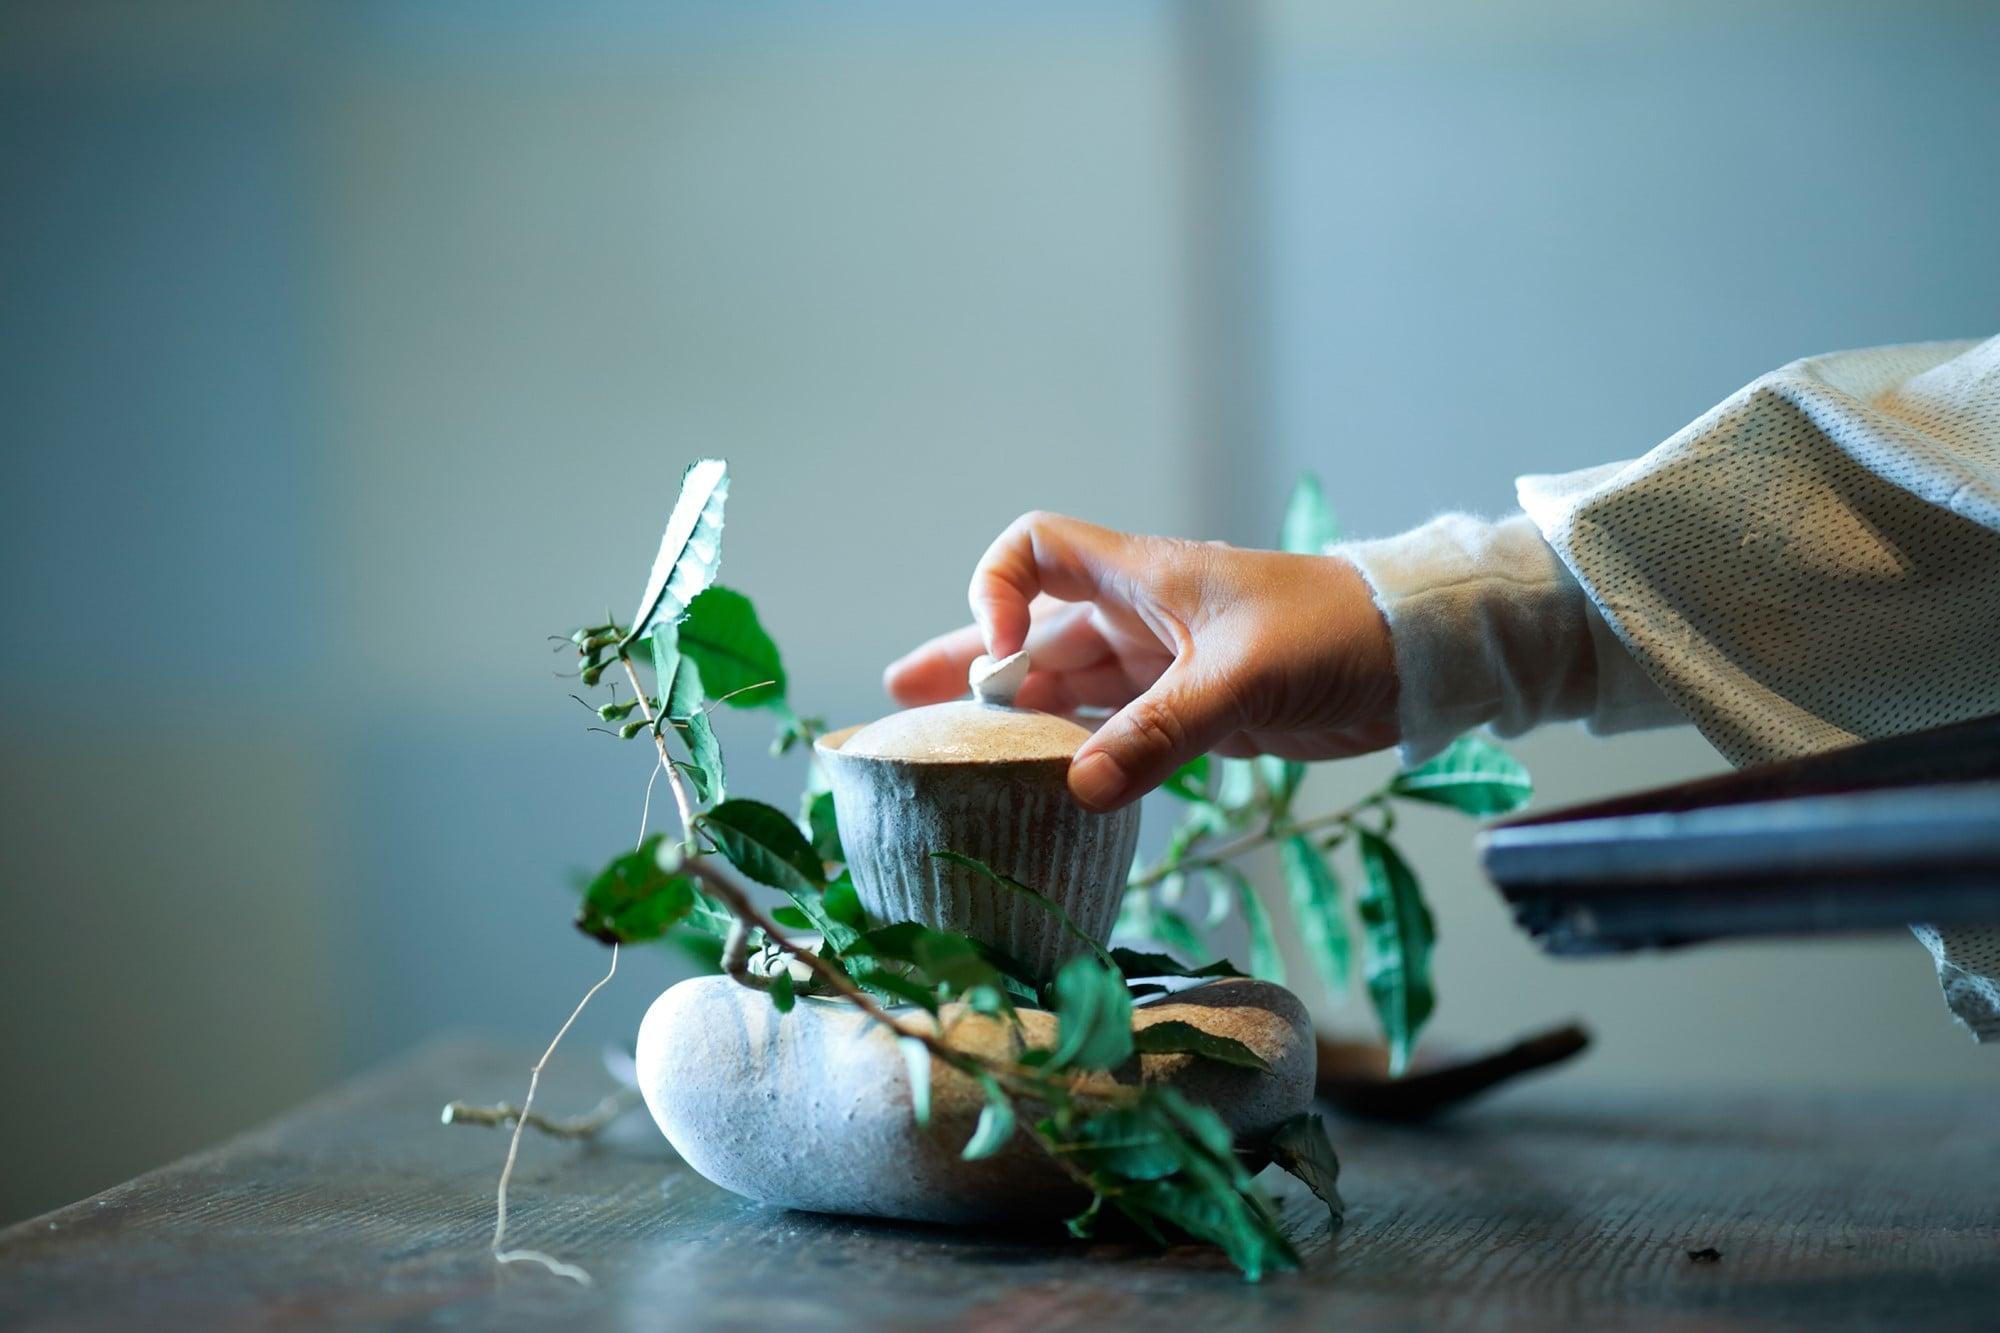 2019年2月、京都小慢のお茶会の様子。蓋碗、茶板の茶器を製作。